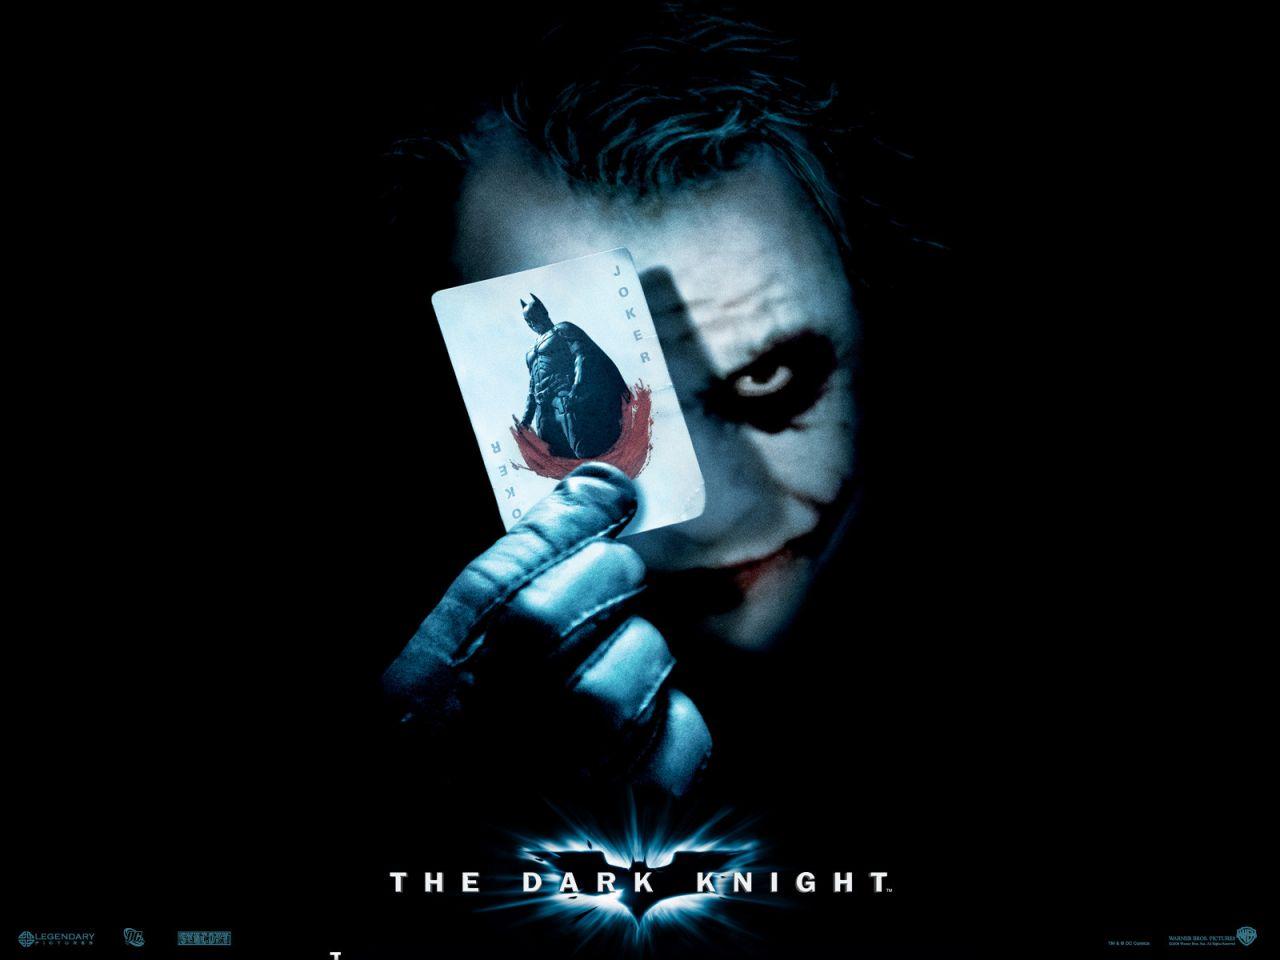 Joker Batman Card Poster Wallpaper 1280x960